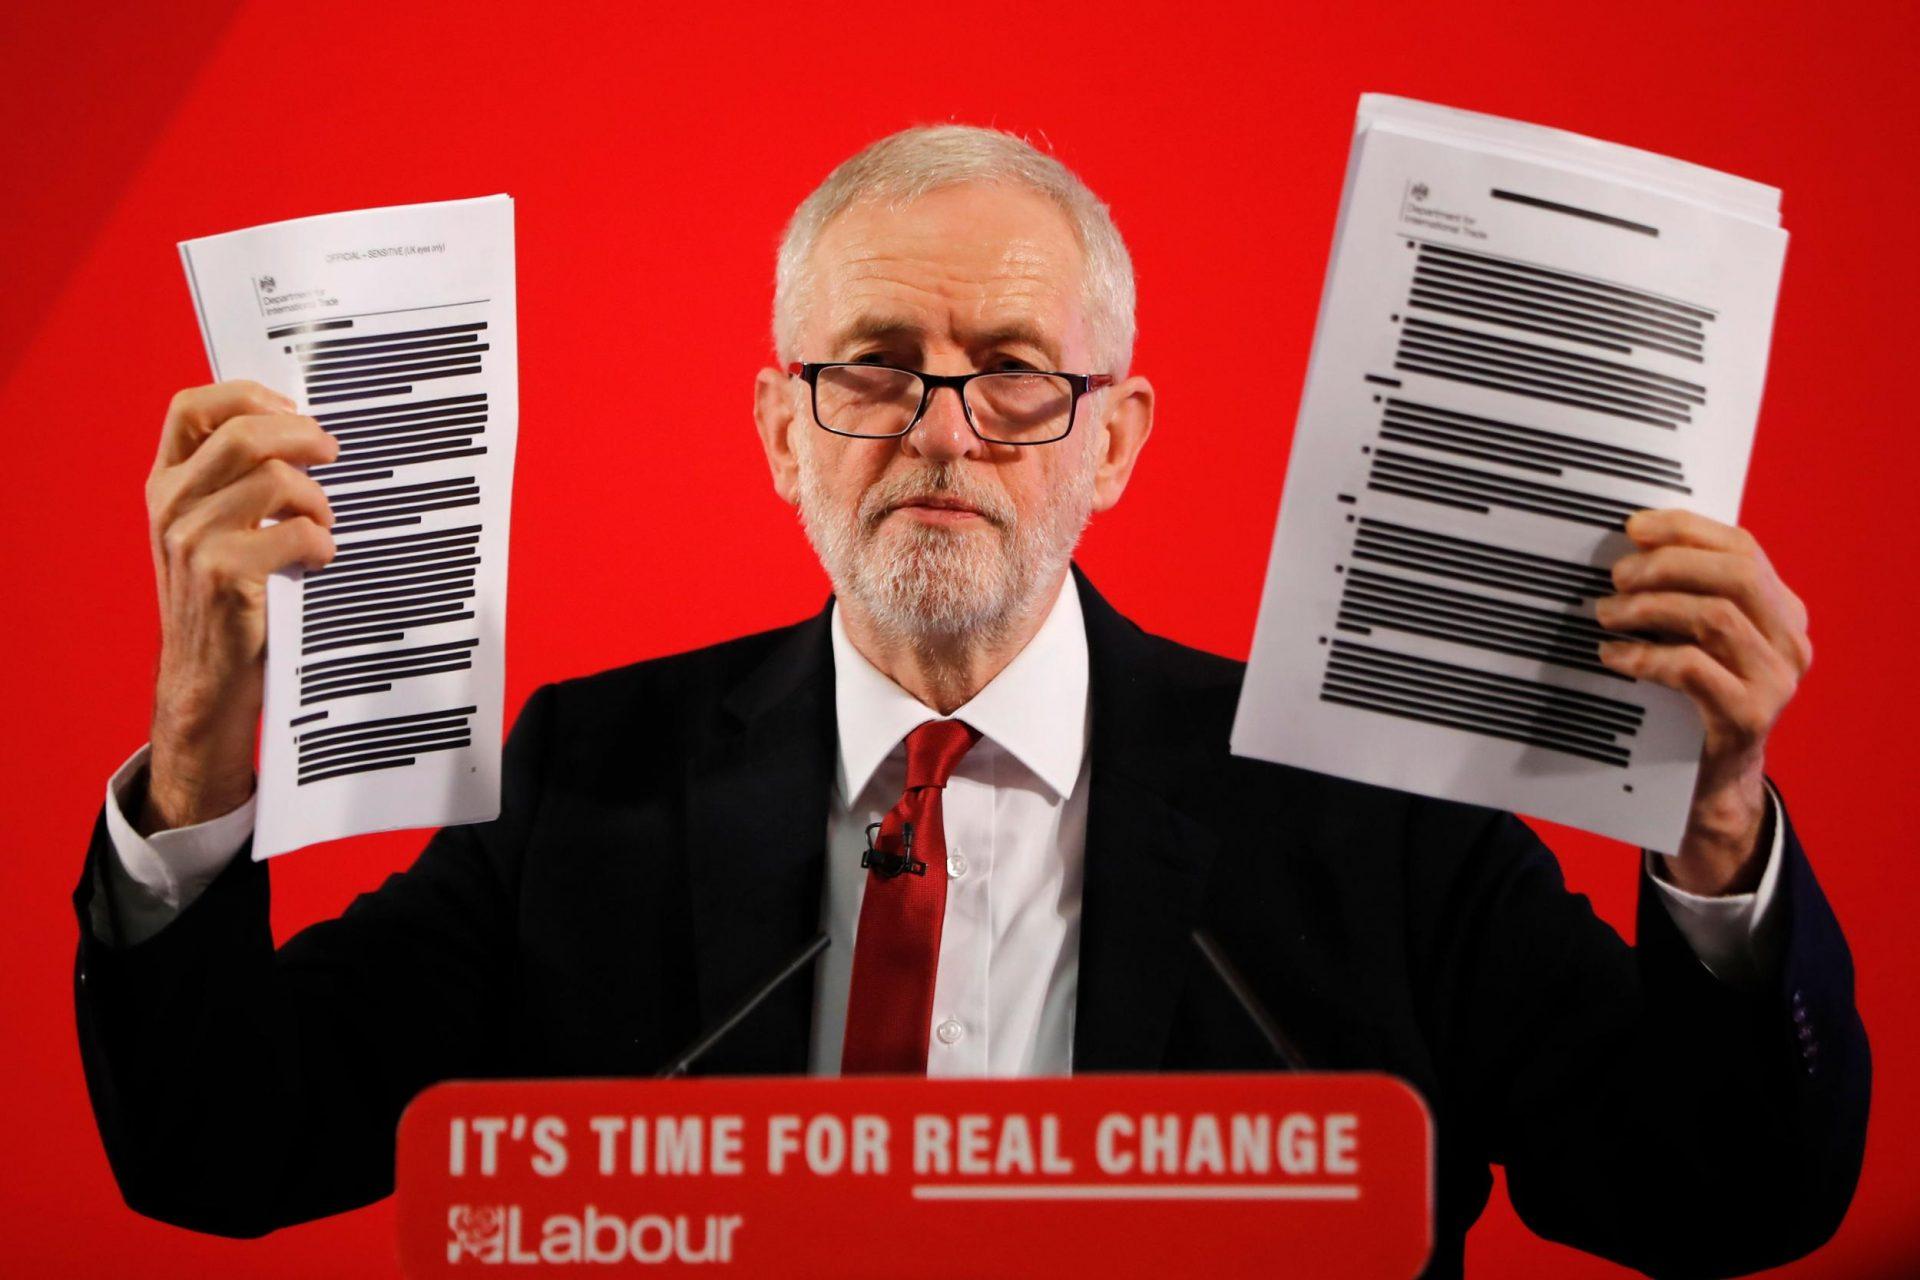 Ultima încercare a Rusiei de a interfera in alegerile Marii Britanii ar fi avut succes